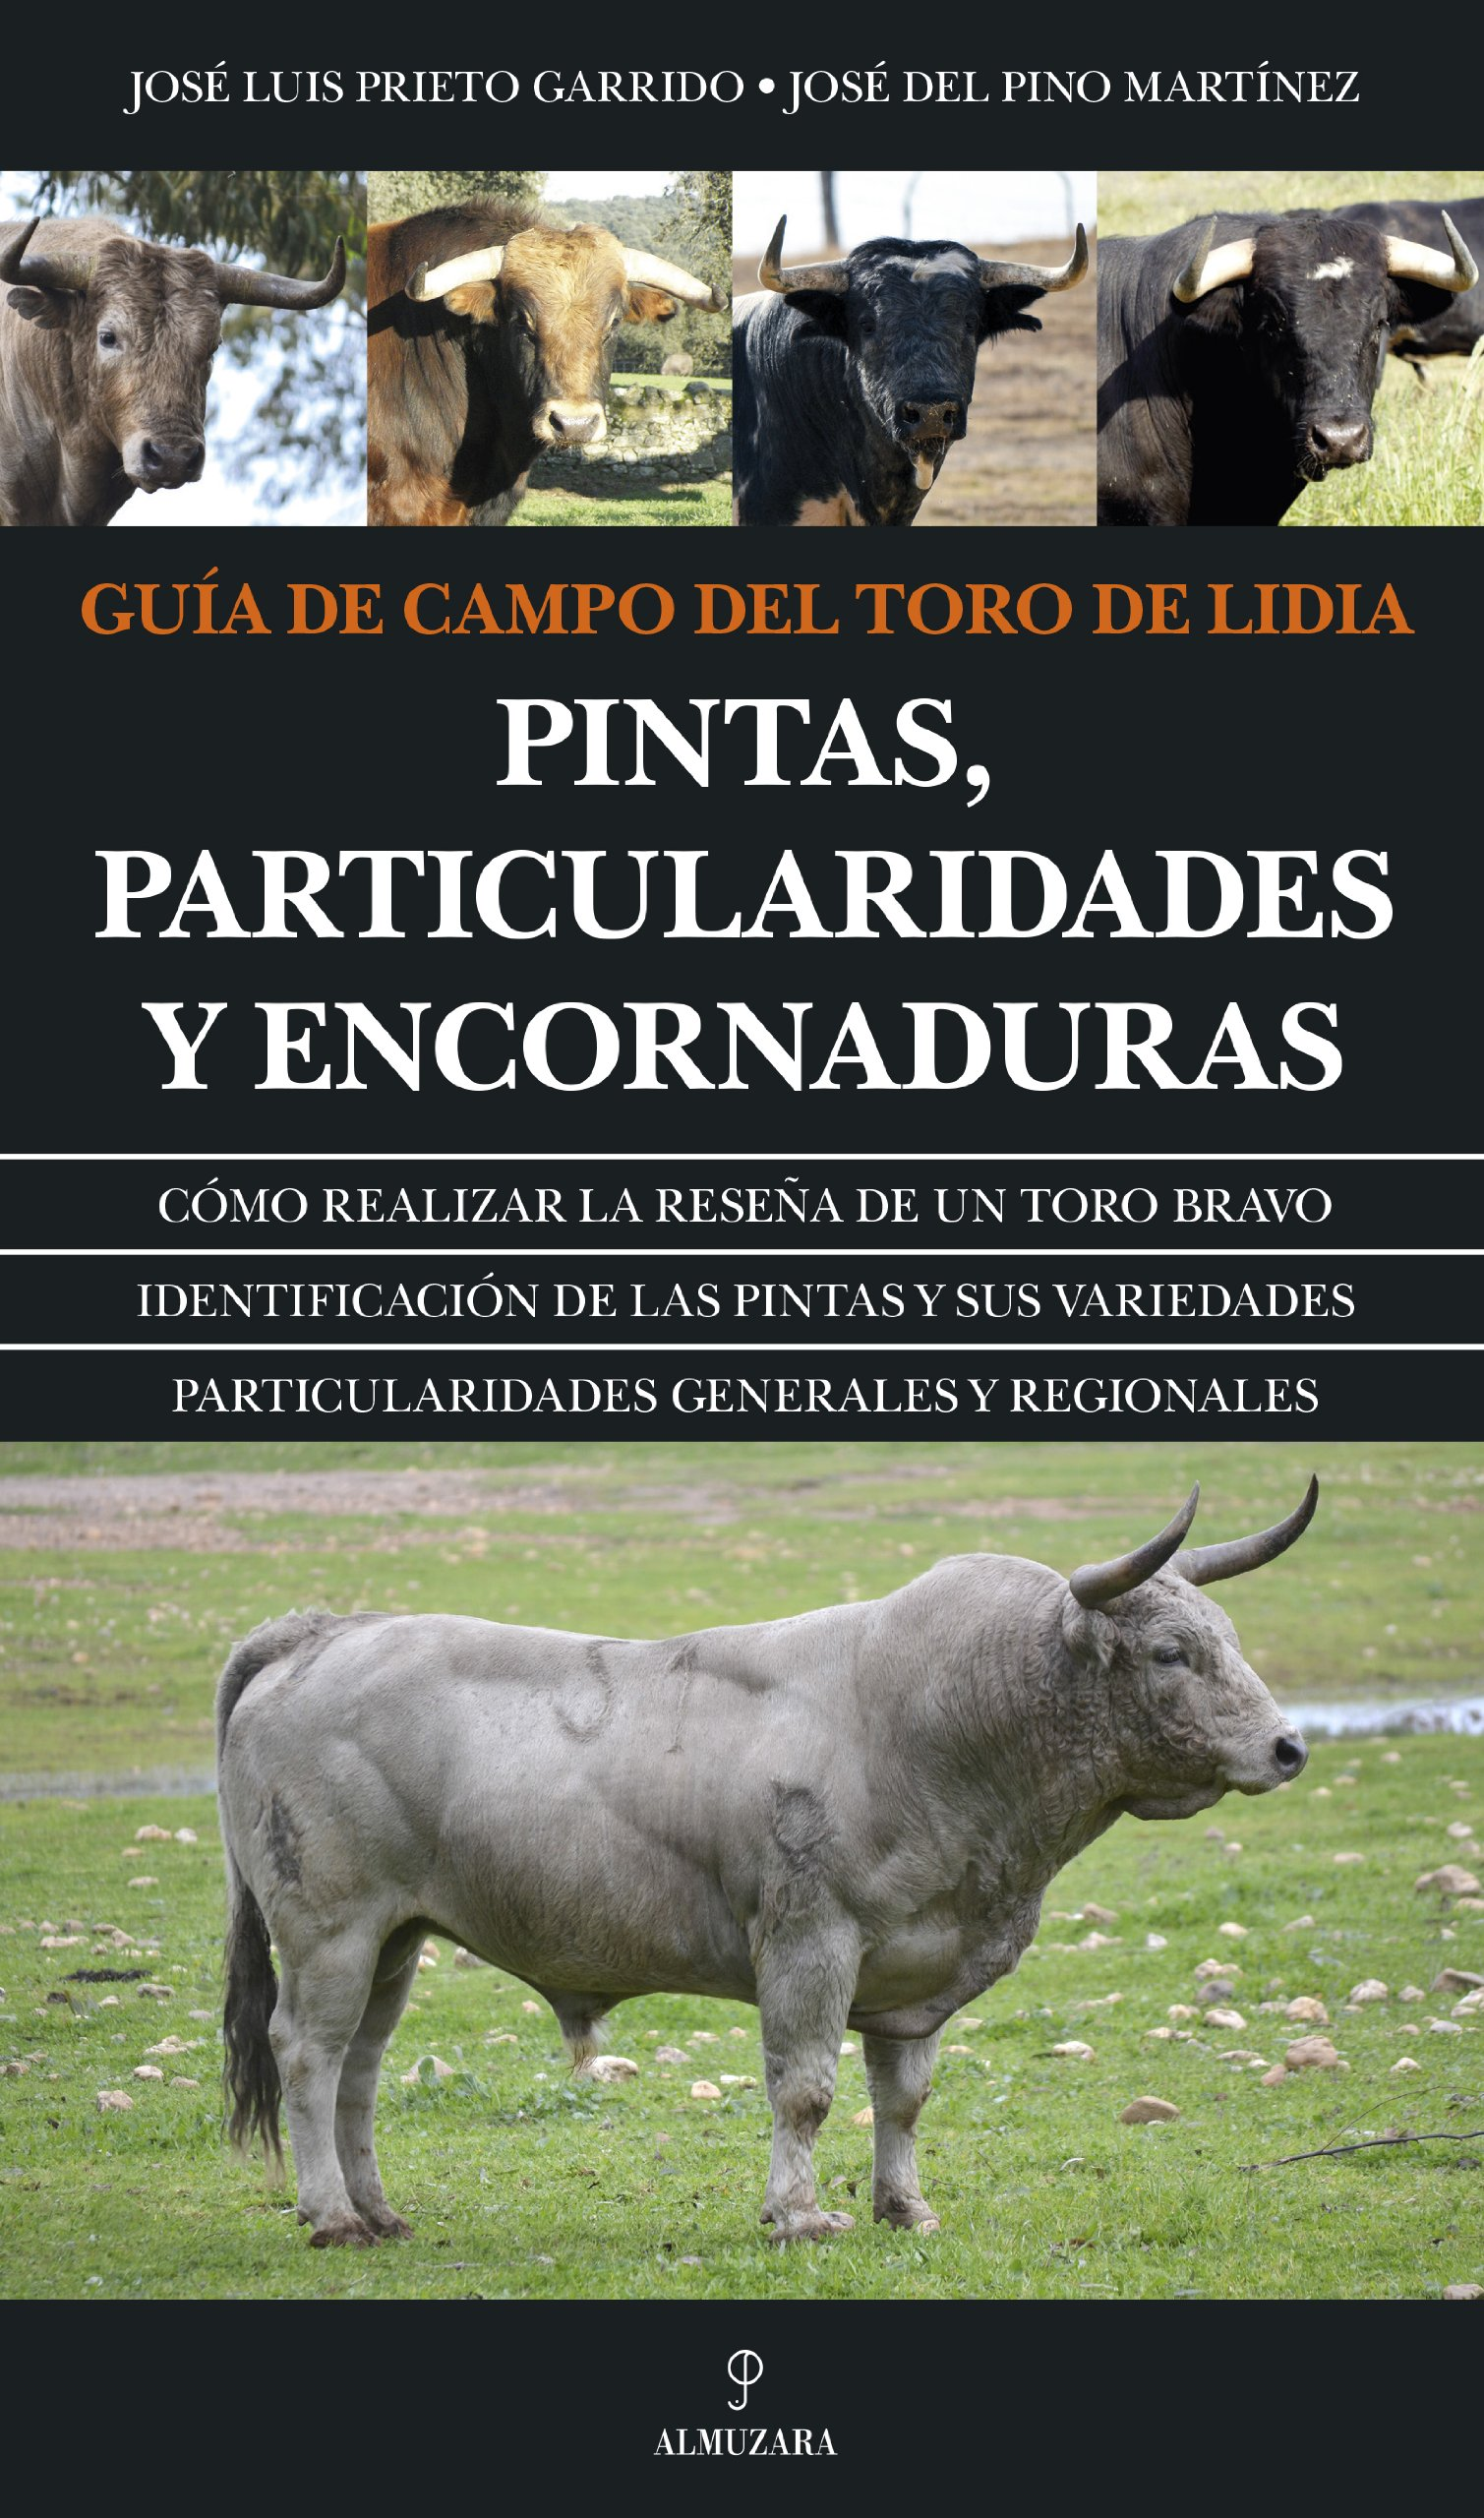 Guía De Campo Del Toro De Lidia Pintas Particularidades Y Encornaduras Taurología Spanish Edition Prieto Garrido José Luis Del Pino Martínez José 9788415828013 Books